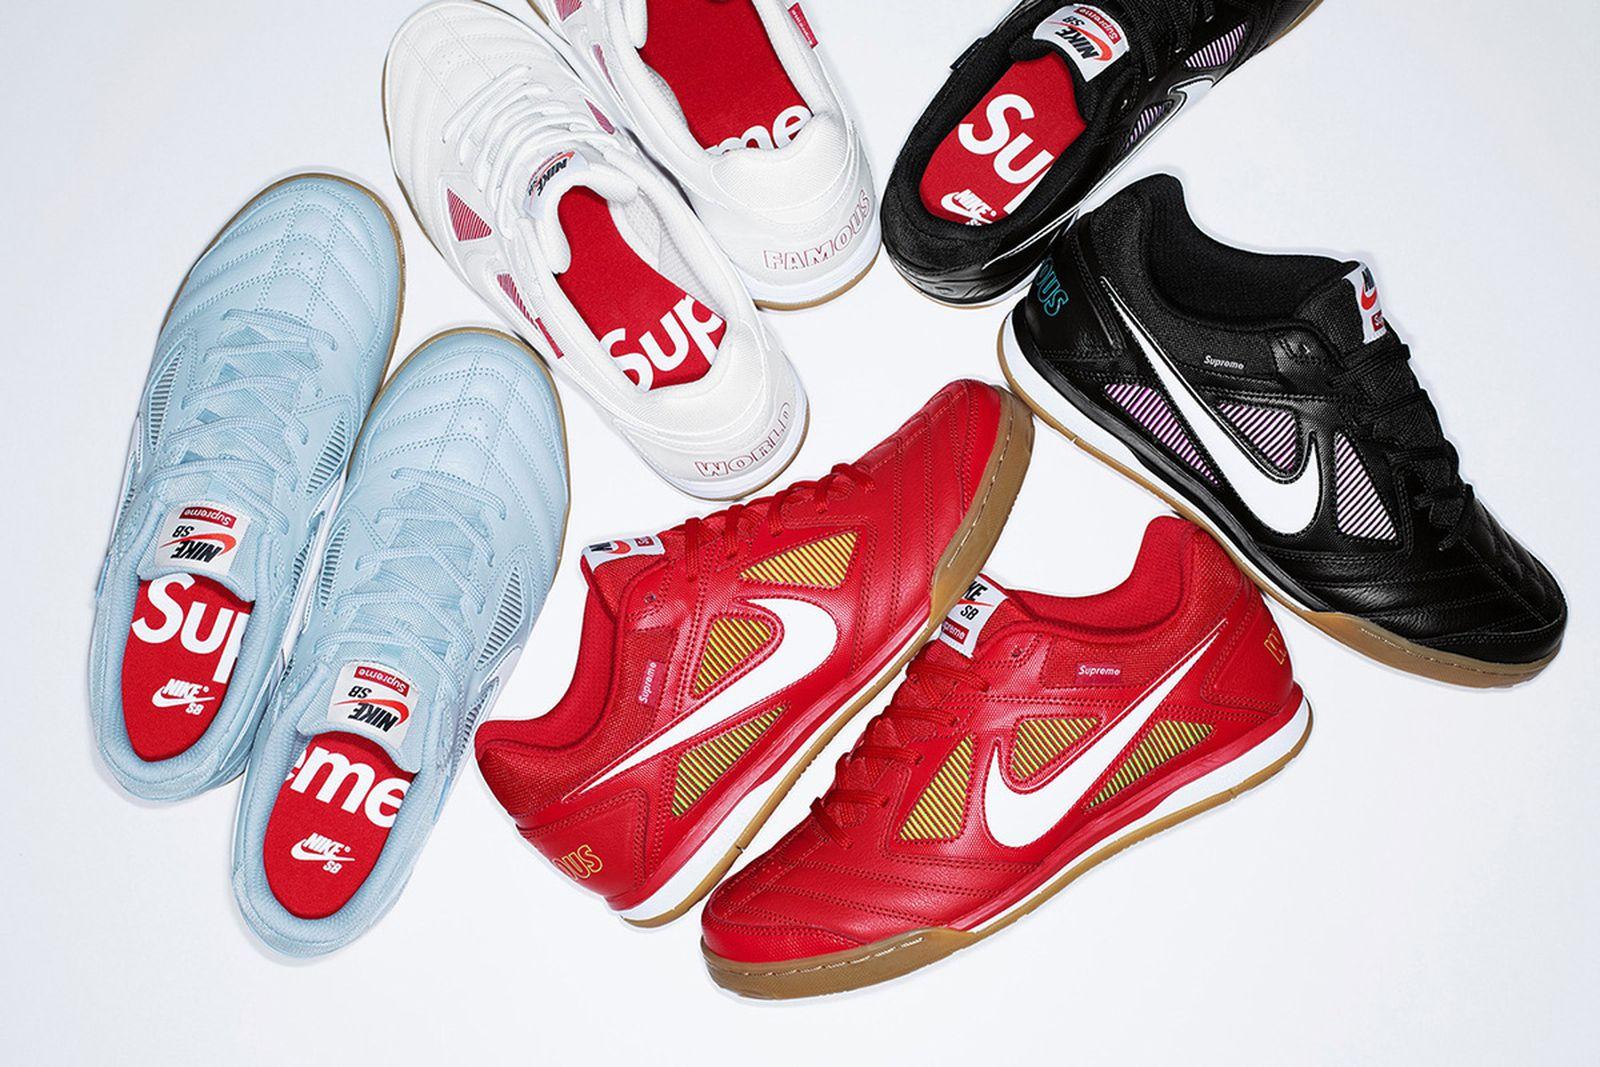 Supreme x Nike Sb Gato: Release Date, Price & Info